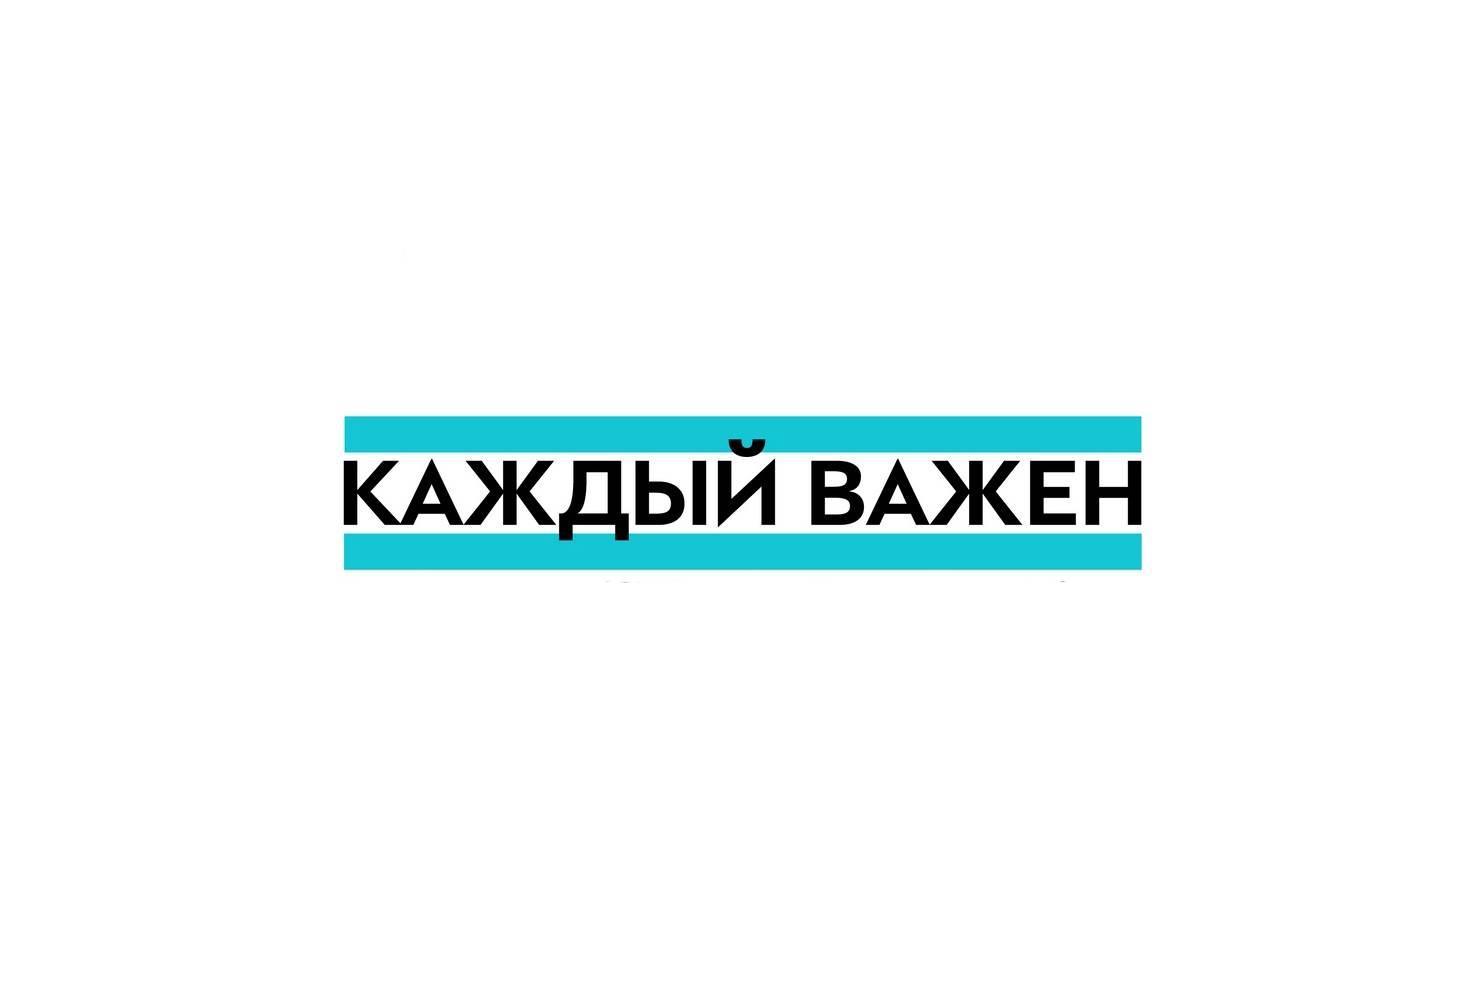 v-rossii-startovala-antibullingovaya-programma-kazhdyj-vazhen